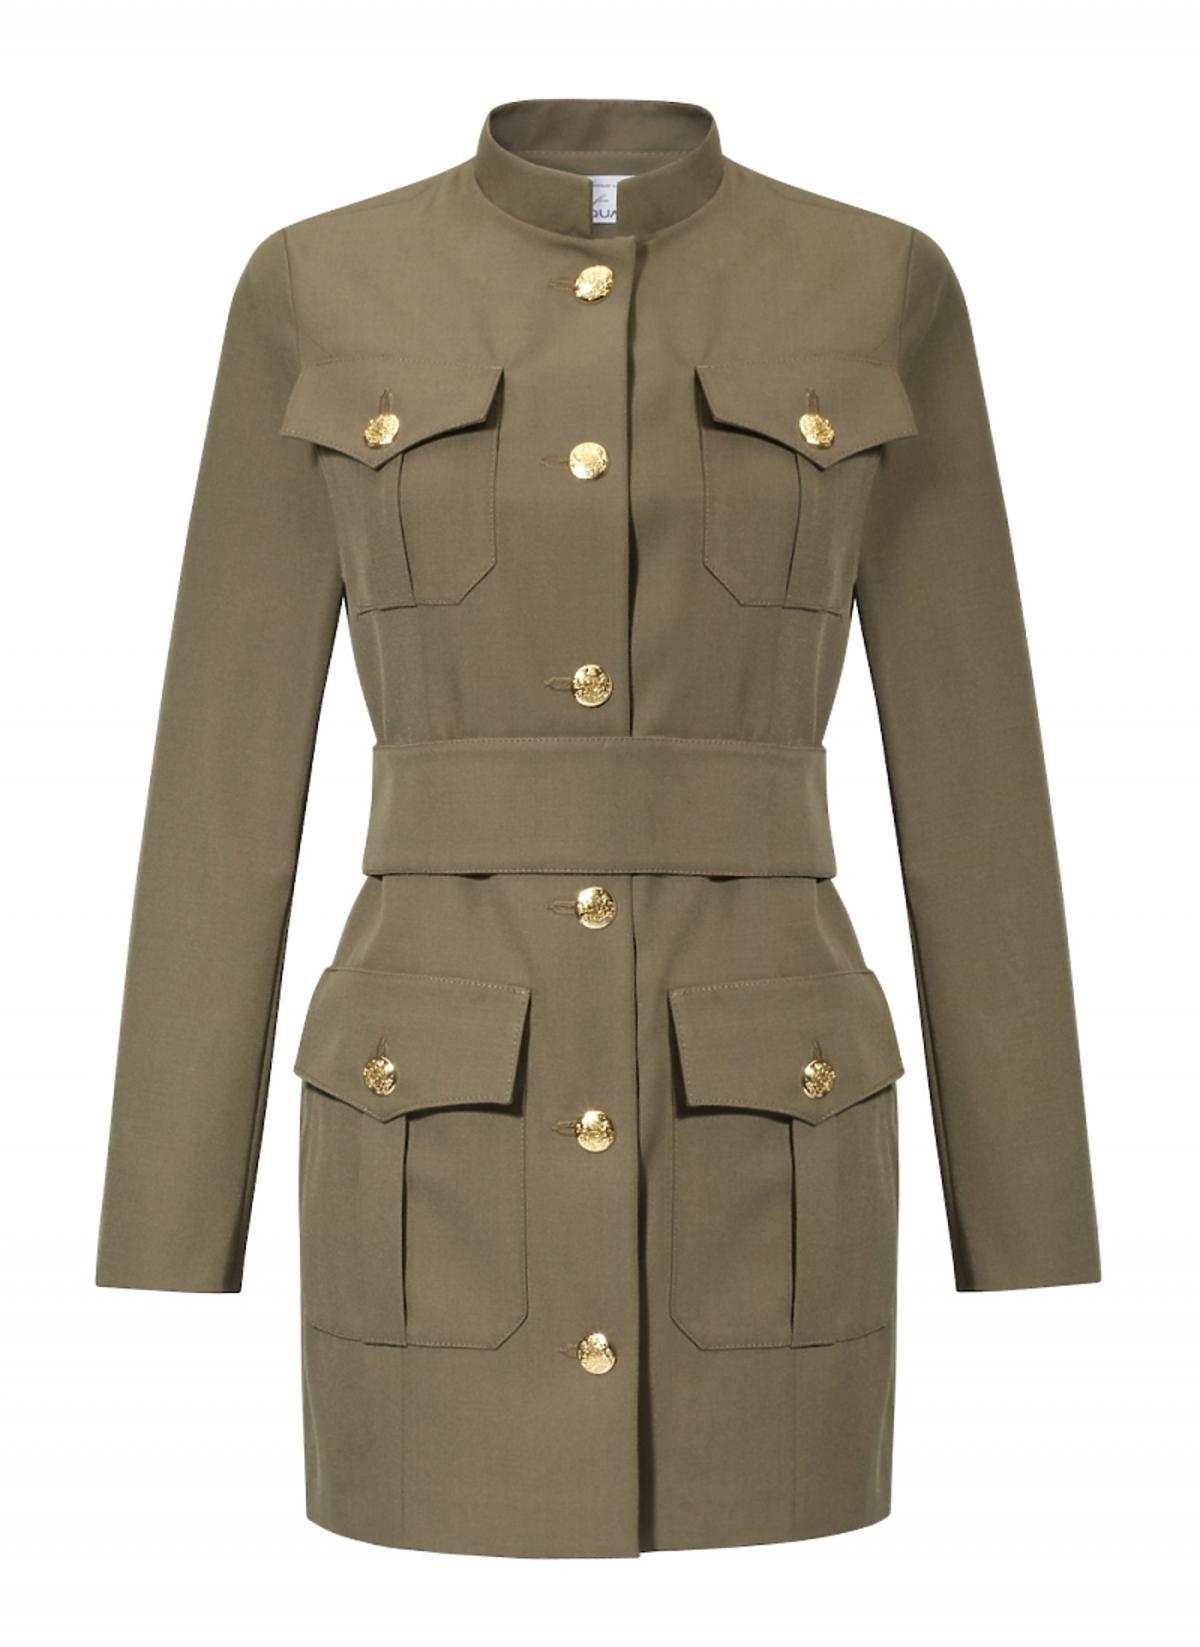 Zielona militarna sukienka ze złotymi guzikami